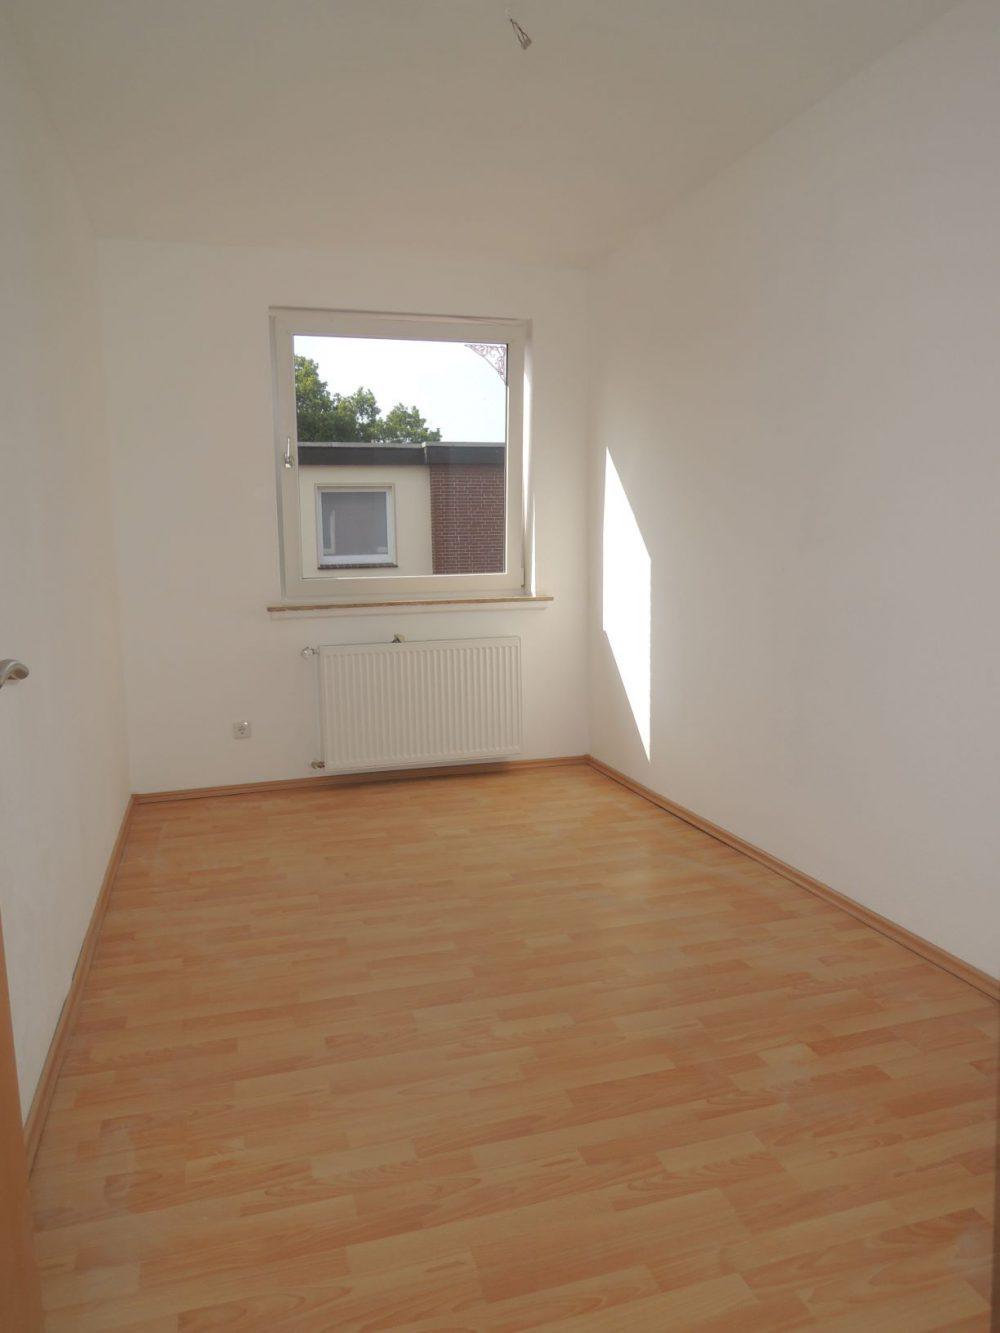 Obergeschosswohnung-mit-optimaler-Raumaufteilung-Zimmer